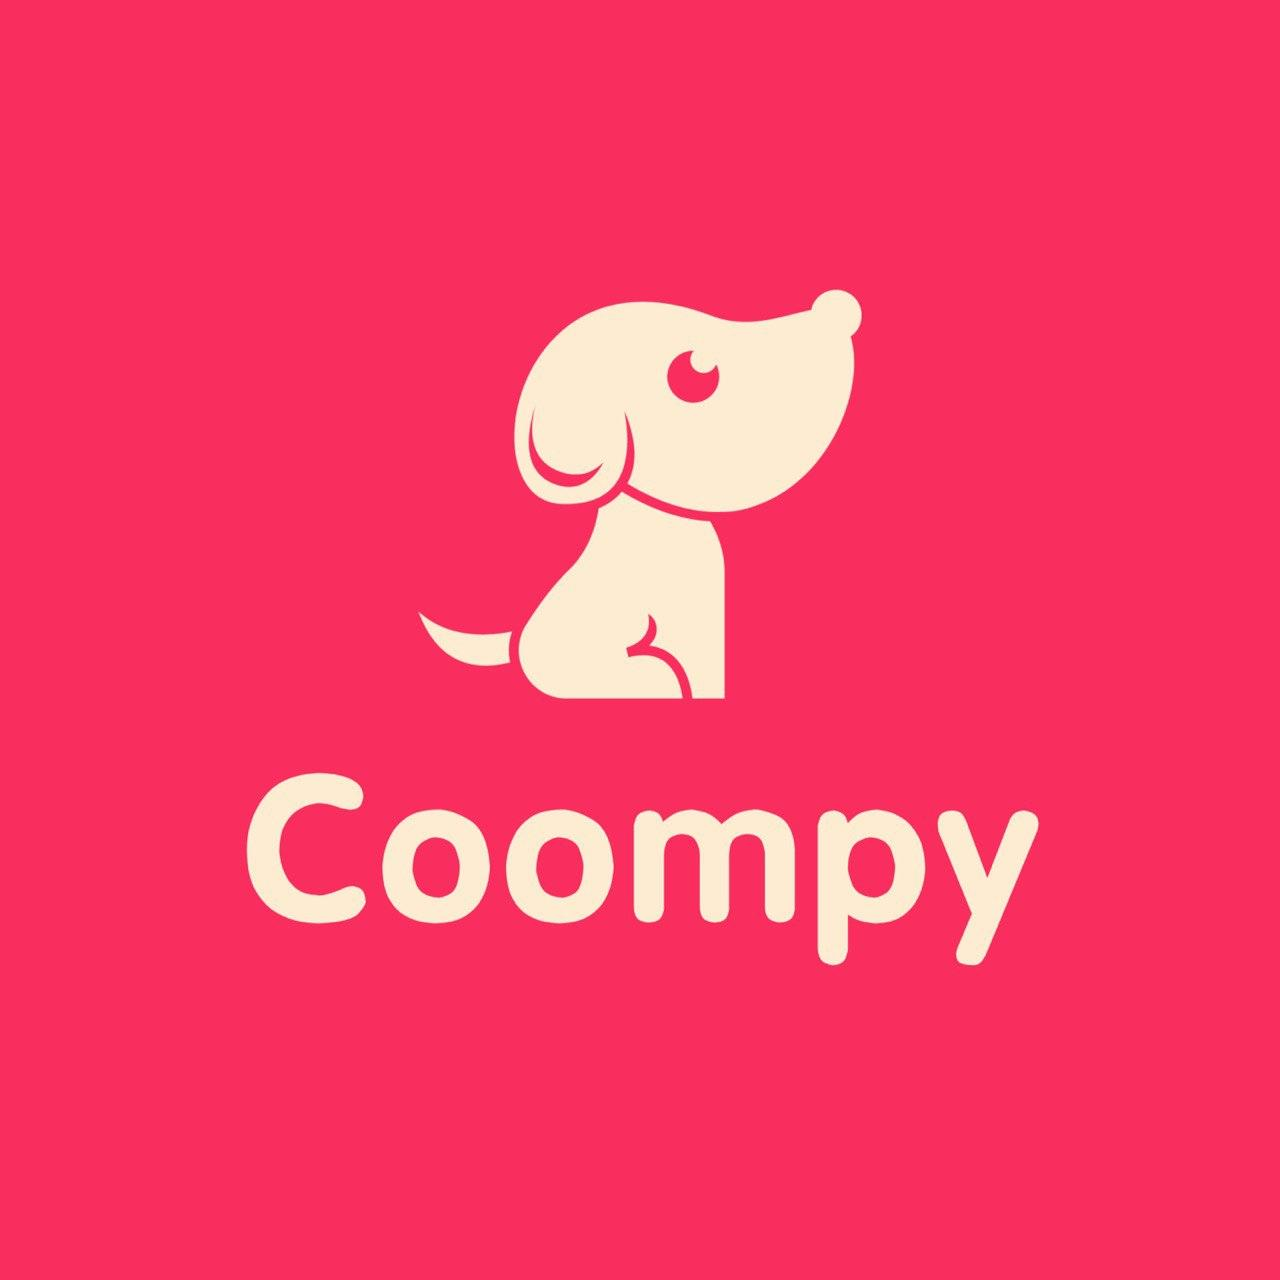 Coompy